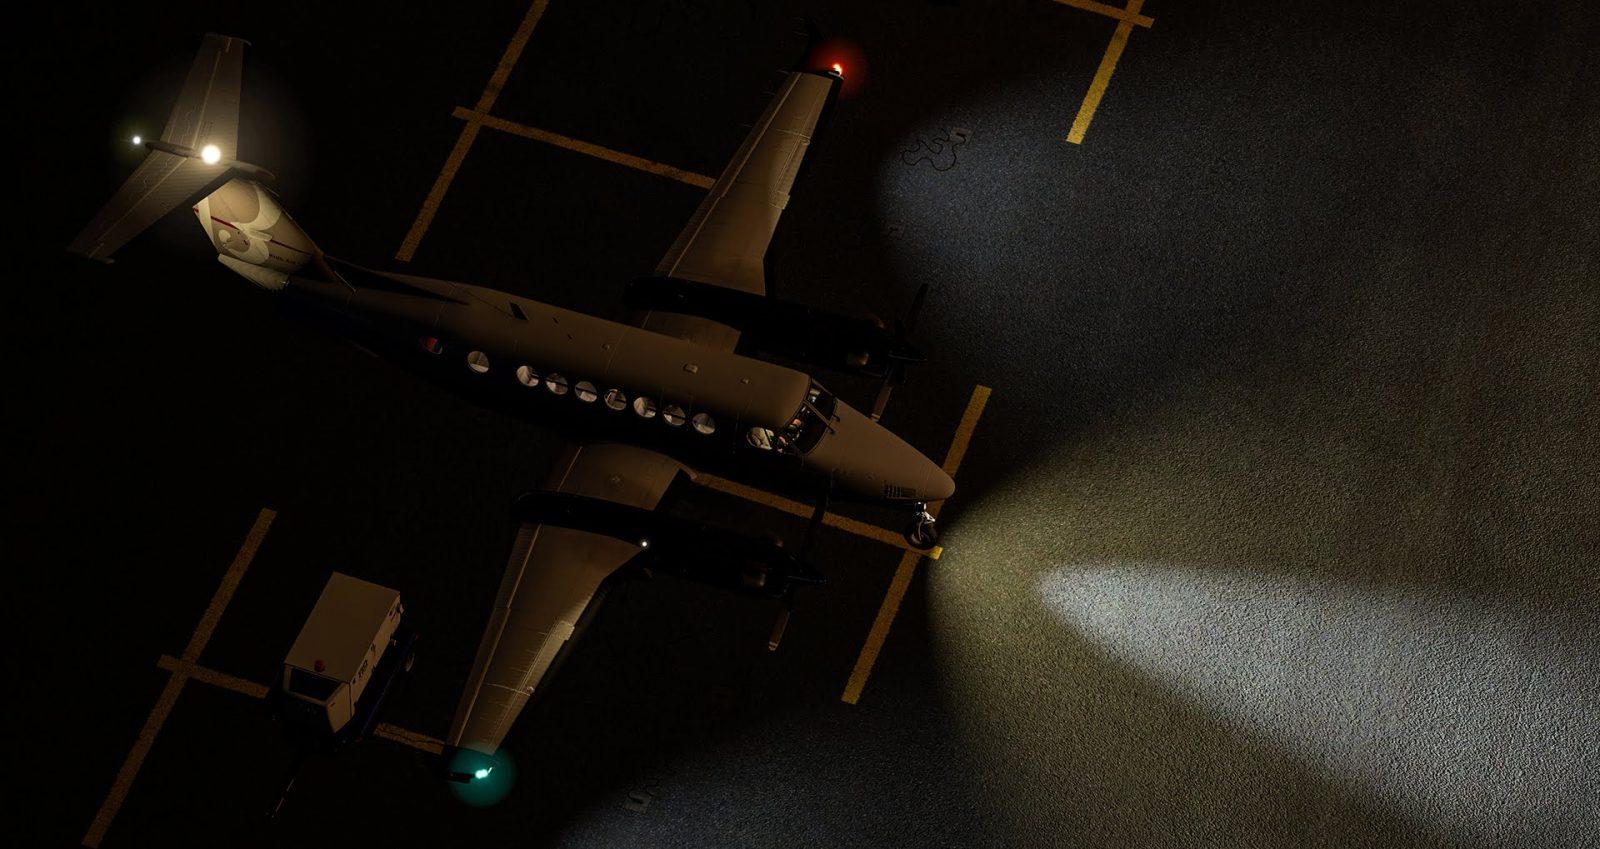 airfoillabs-king-air-350-29-1600x849.jpg